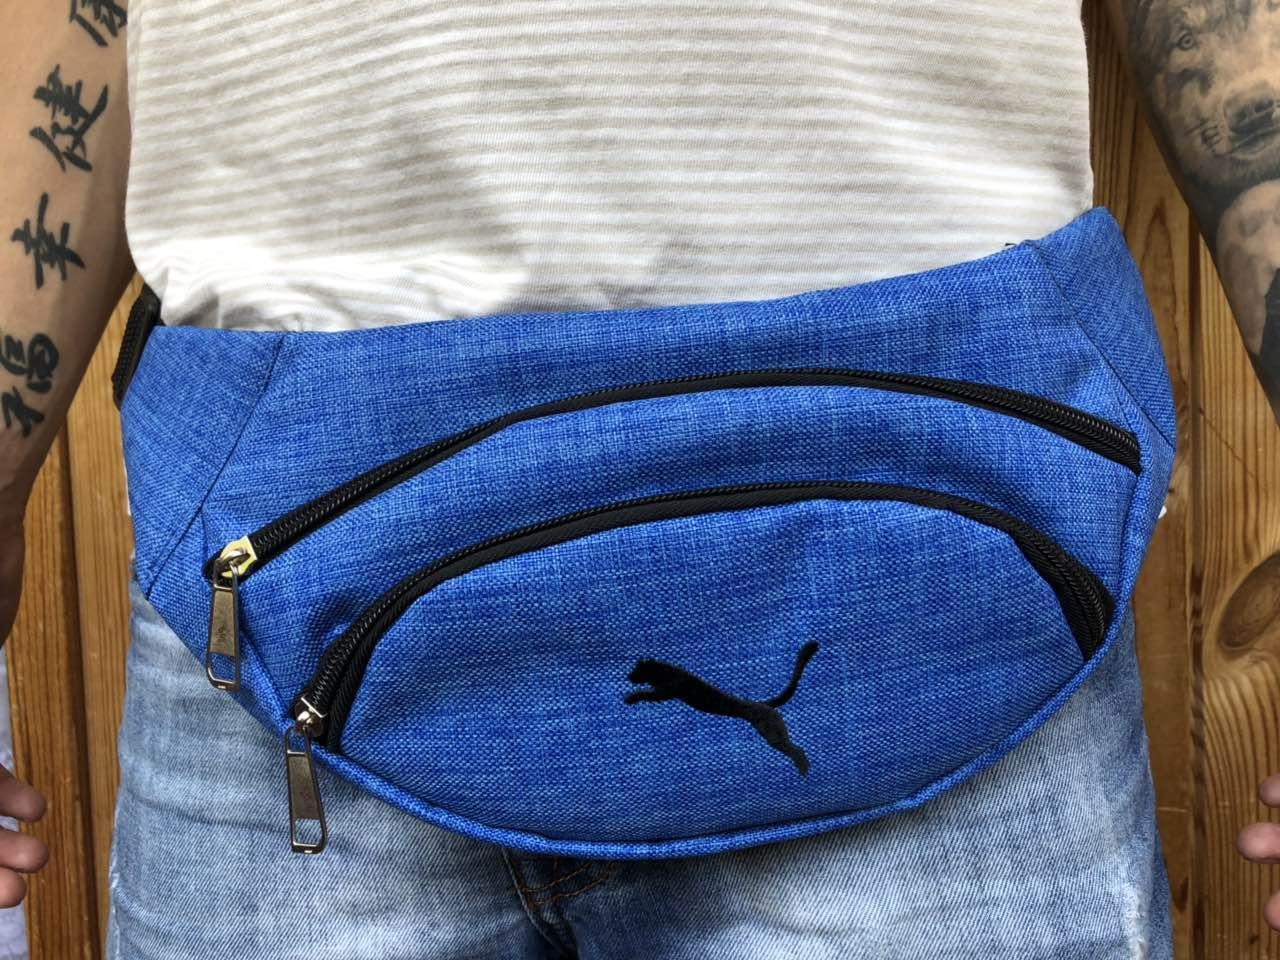 Поясная сумка синяя в стиле Puma 2 отделения (Бананка), из мессенджер pvc, банан, трендовая сумка